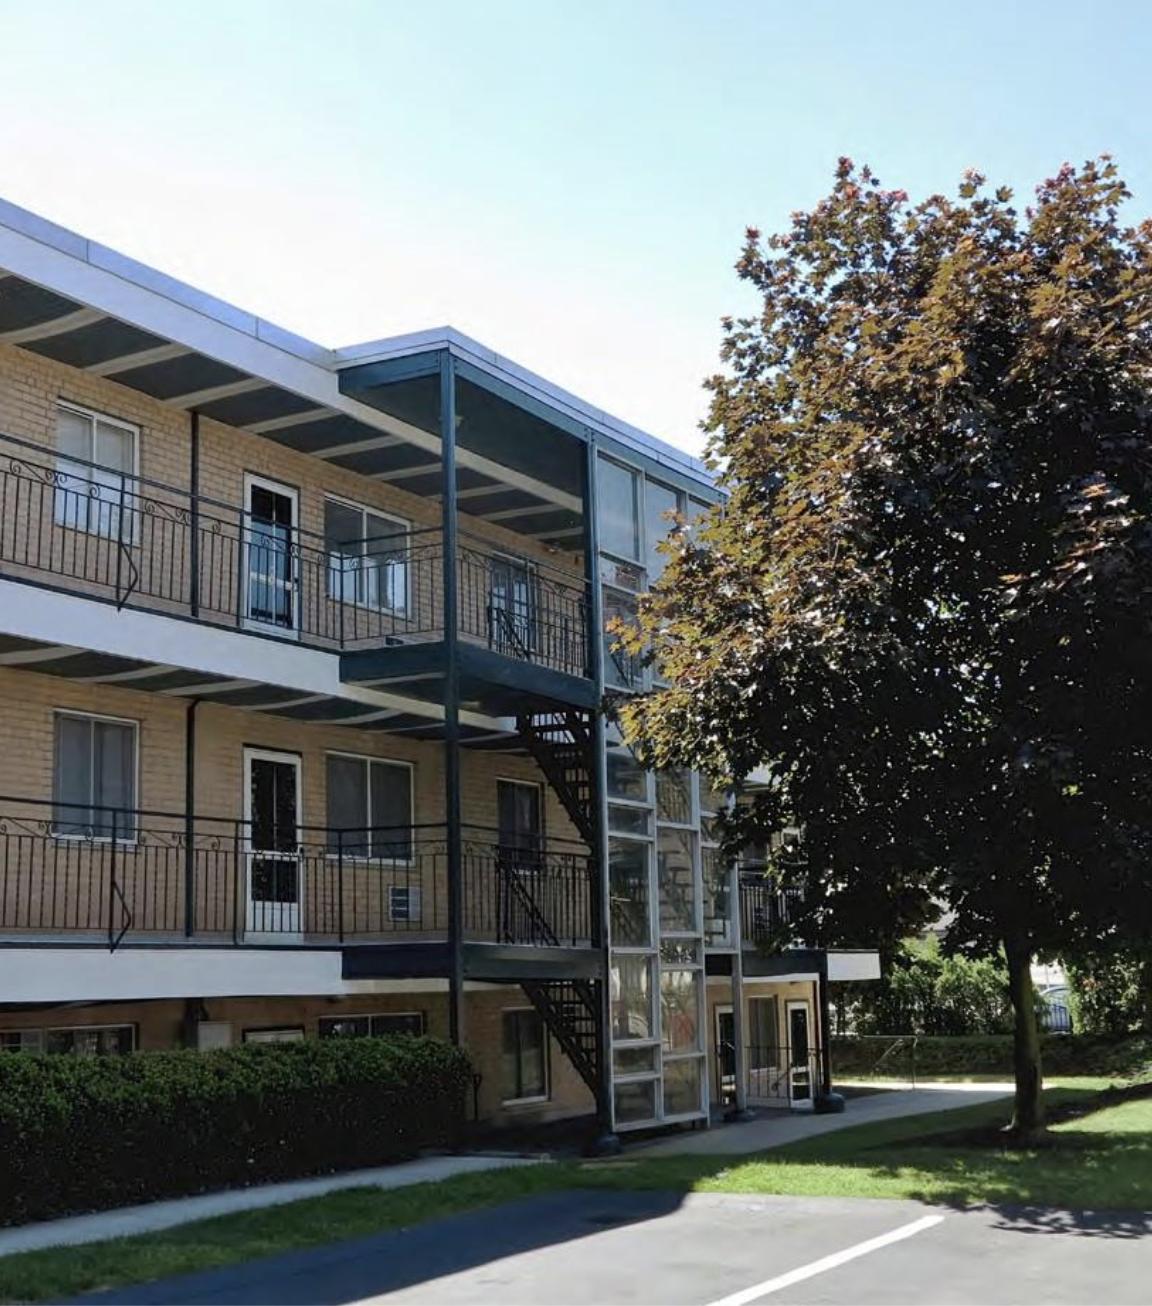 Stony brook apartments